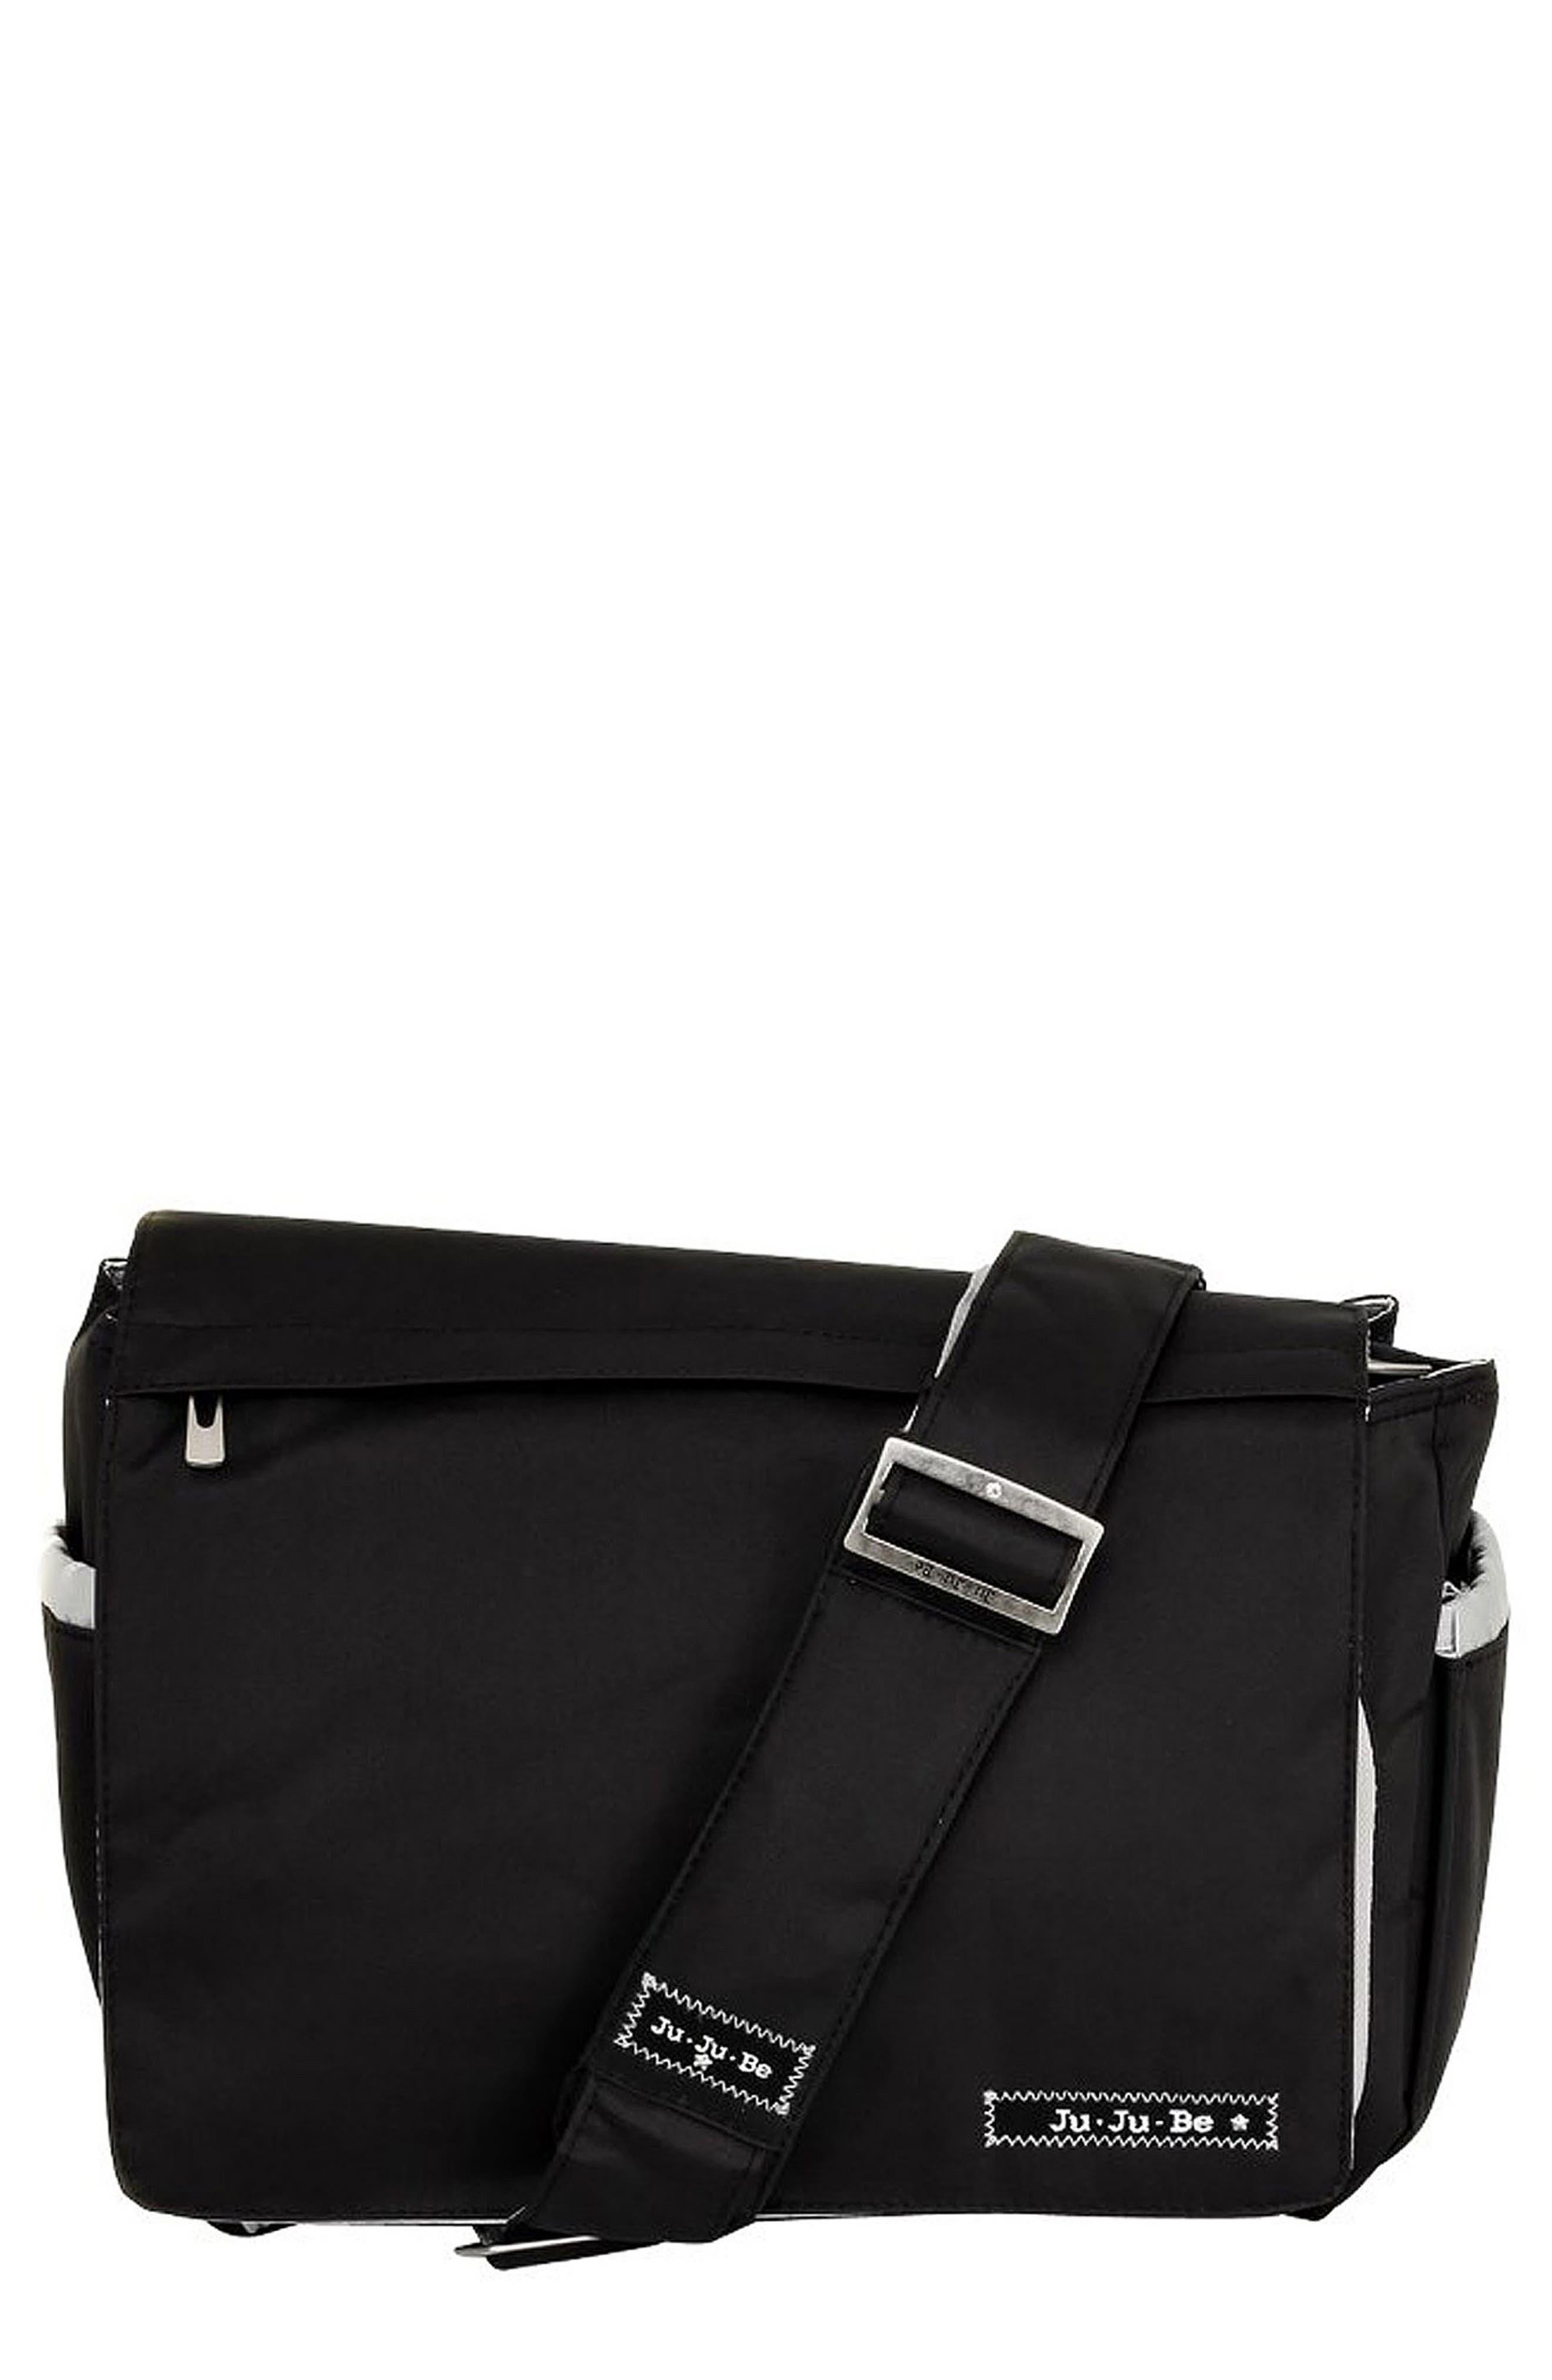 'Better Be' Diaper Bag,                         Main,                         color, 002